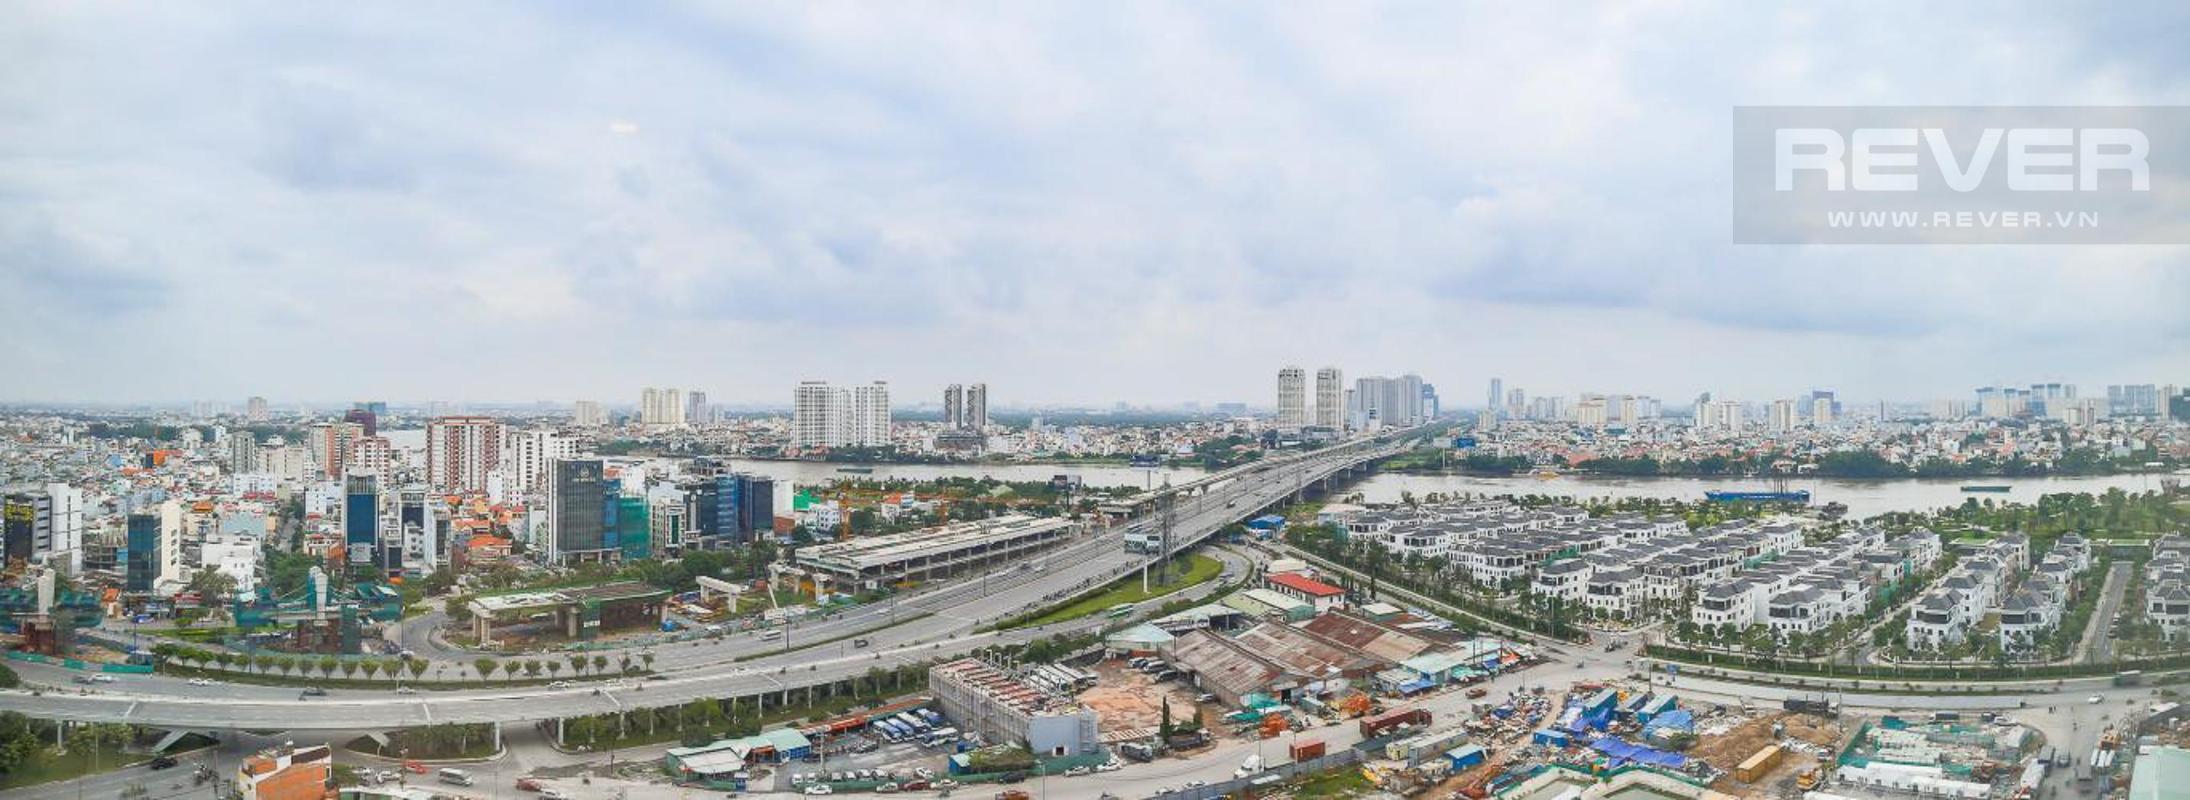 545b5b80a48342dd1b92 Bán căn hộ Vinhomes Central Park 3PN, tầng cao, nội thất cơ bản, view thành phố và sông Sài Gòn